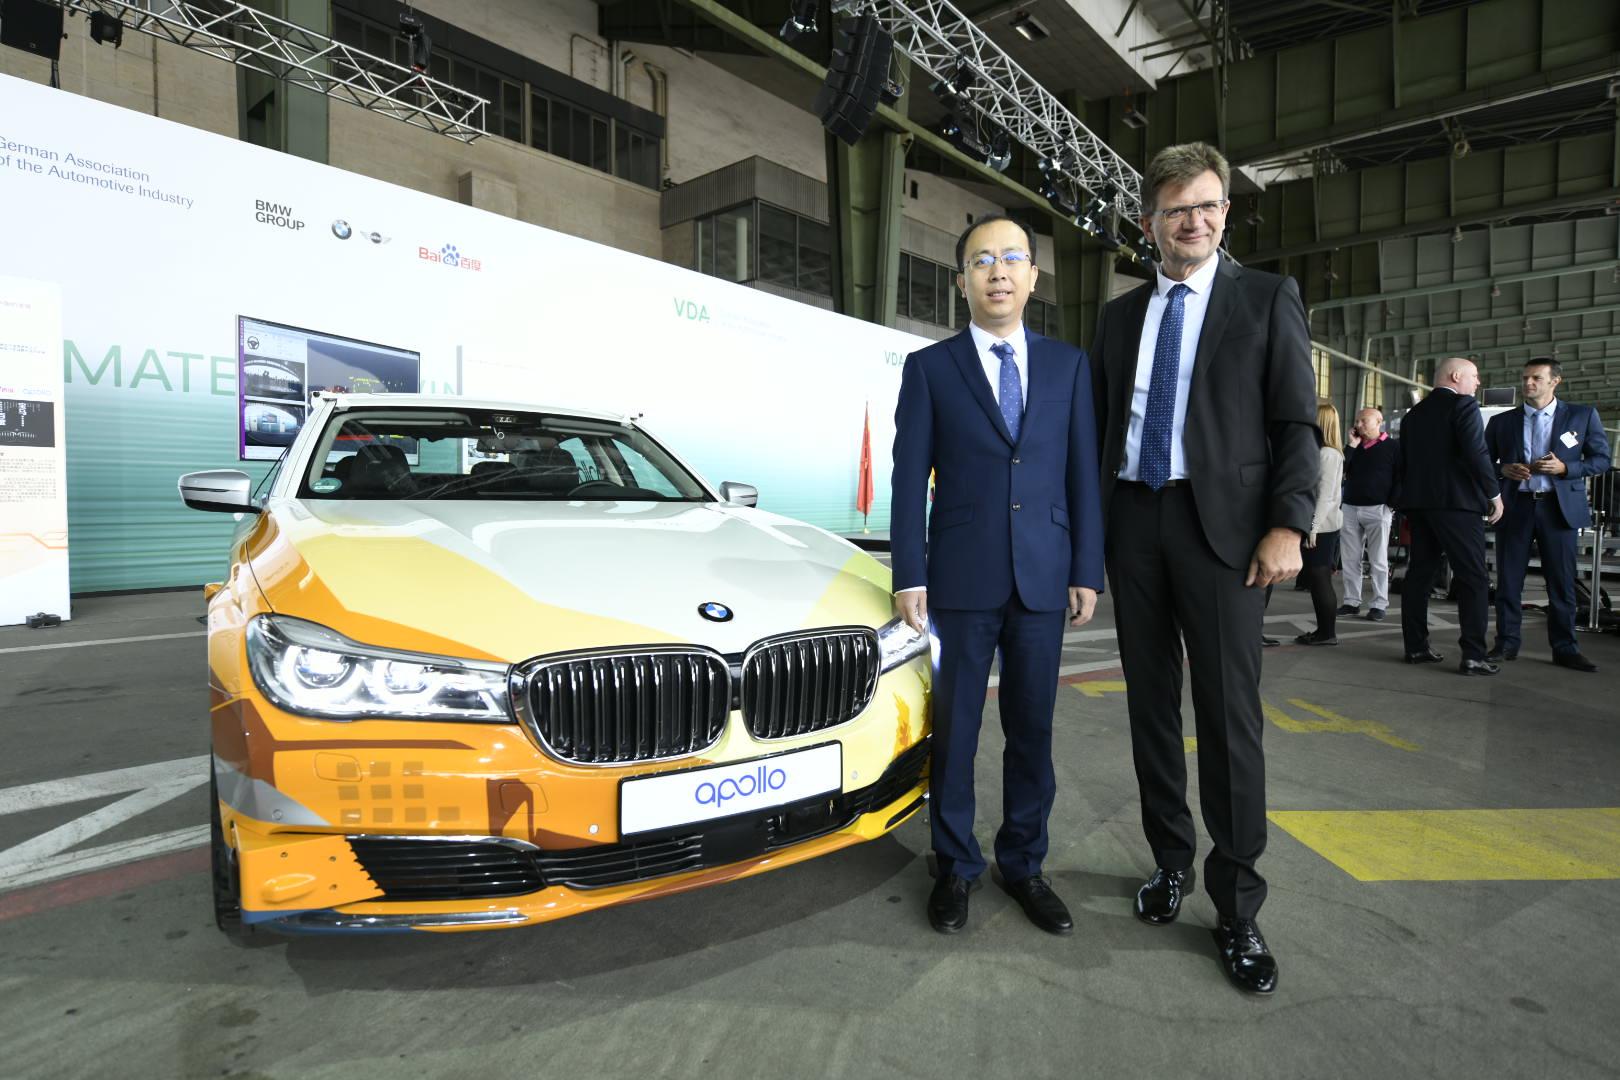 百度副总裁、智能驾驶事业群组总经理李震宇(左)宝马集团负责研发的董事傅乐希先生(右)